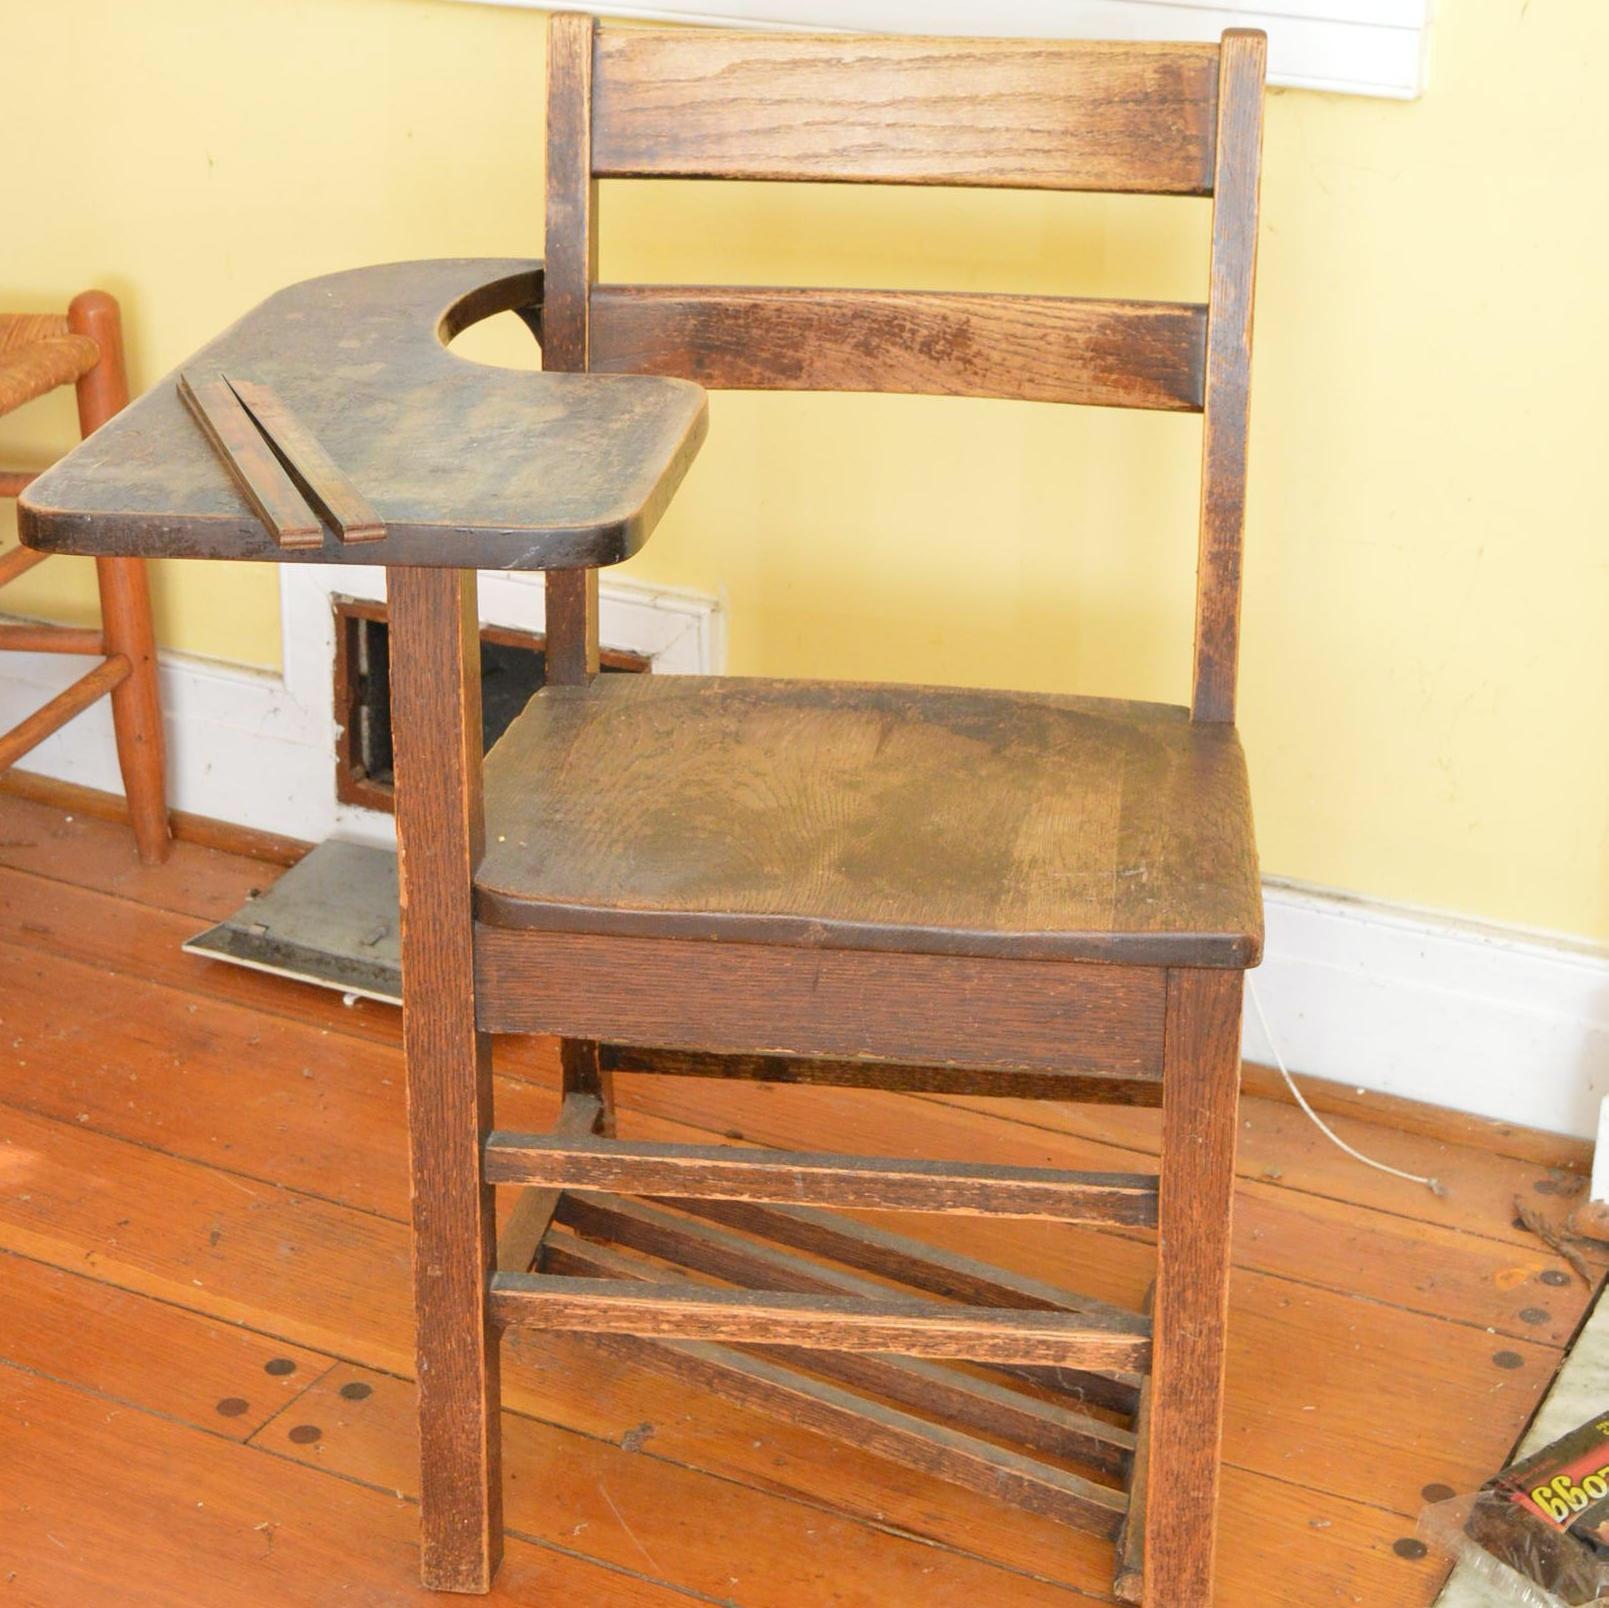 Wooden Children's School Desk and Ruler